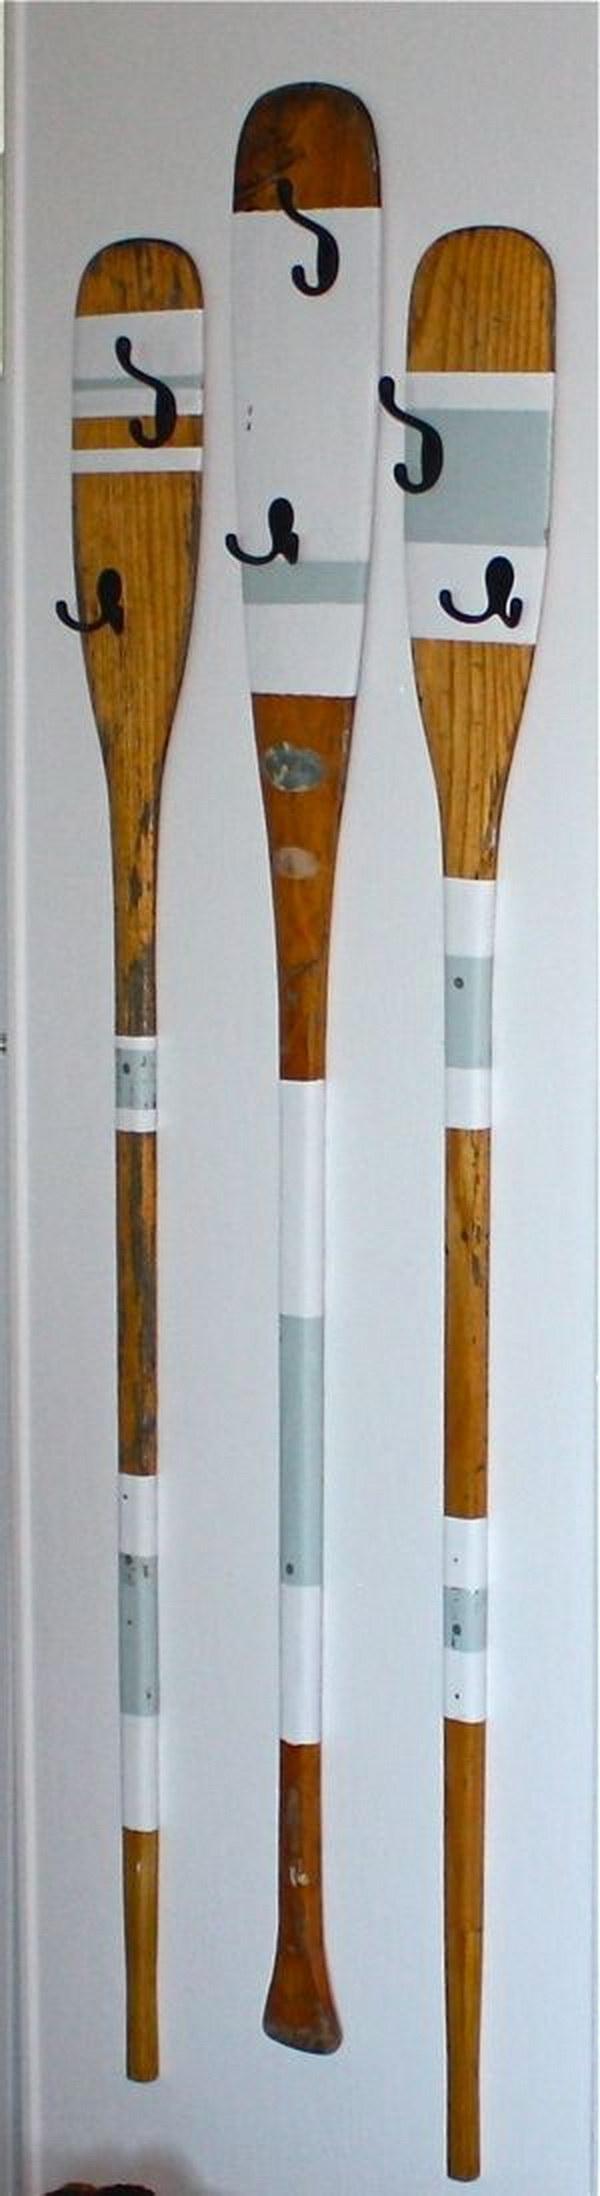 Upcycled Rowing Oars Coat Hangers.